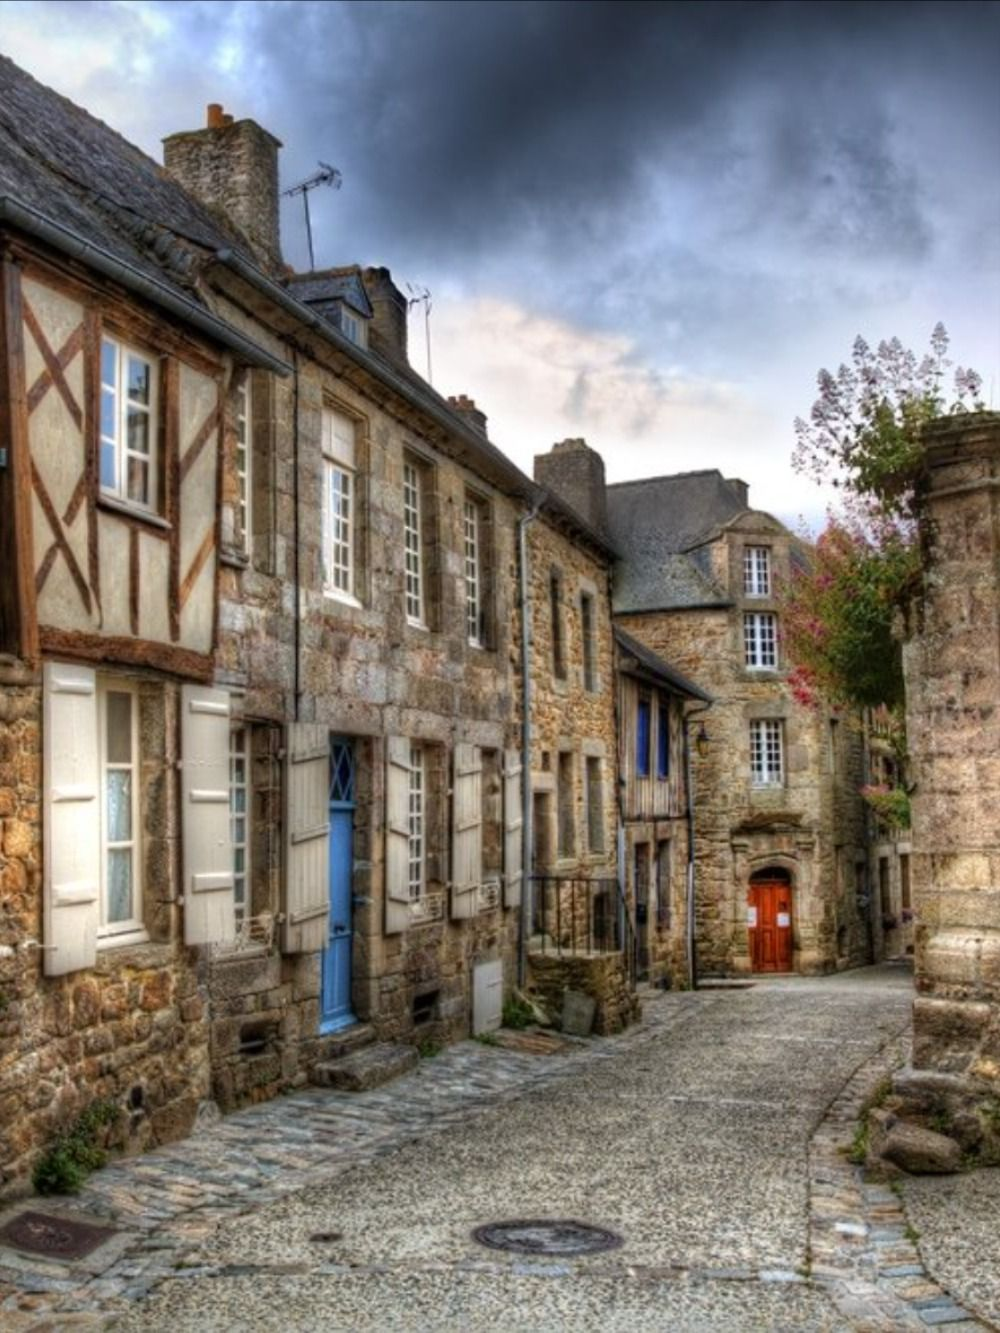 Les Plus Beaux Villages De Bretagne : beaux, villages, bretagne, Beaux, Villages, Bretagne, Bretagne,, Tourisme,